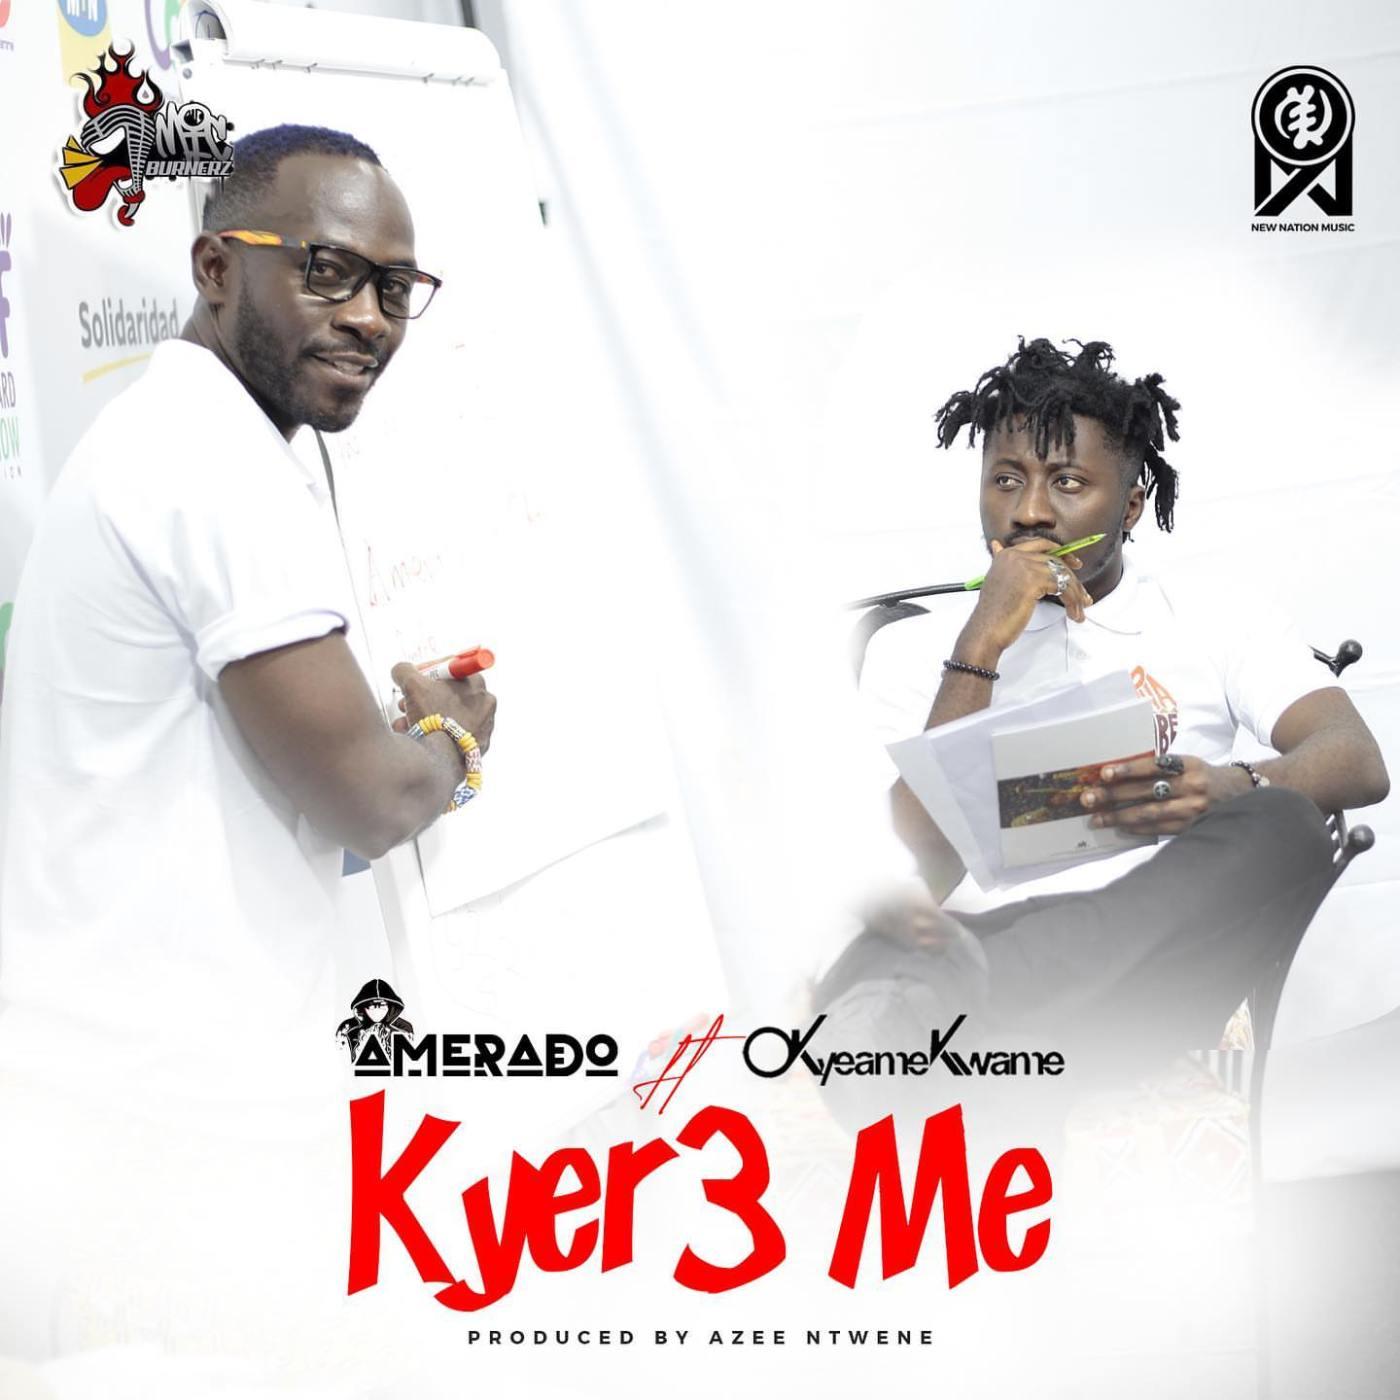 Amerado - Kyer3 Me ft. Okyeame Kwame